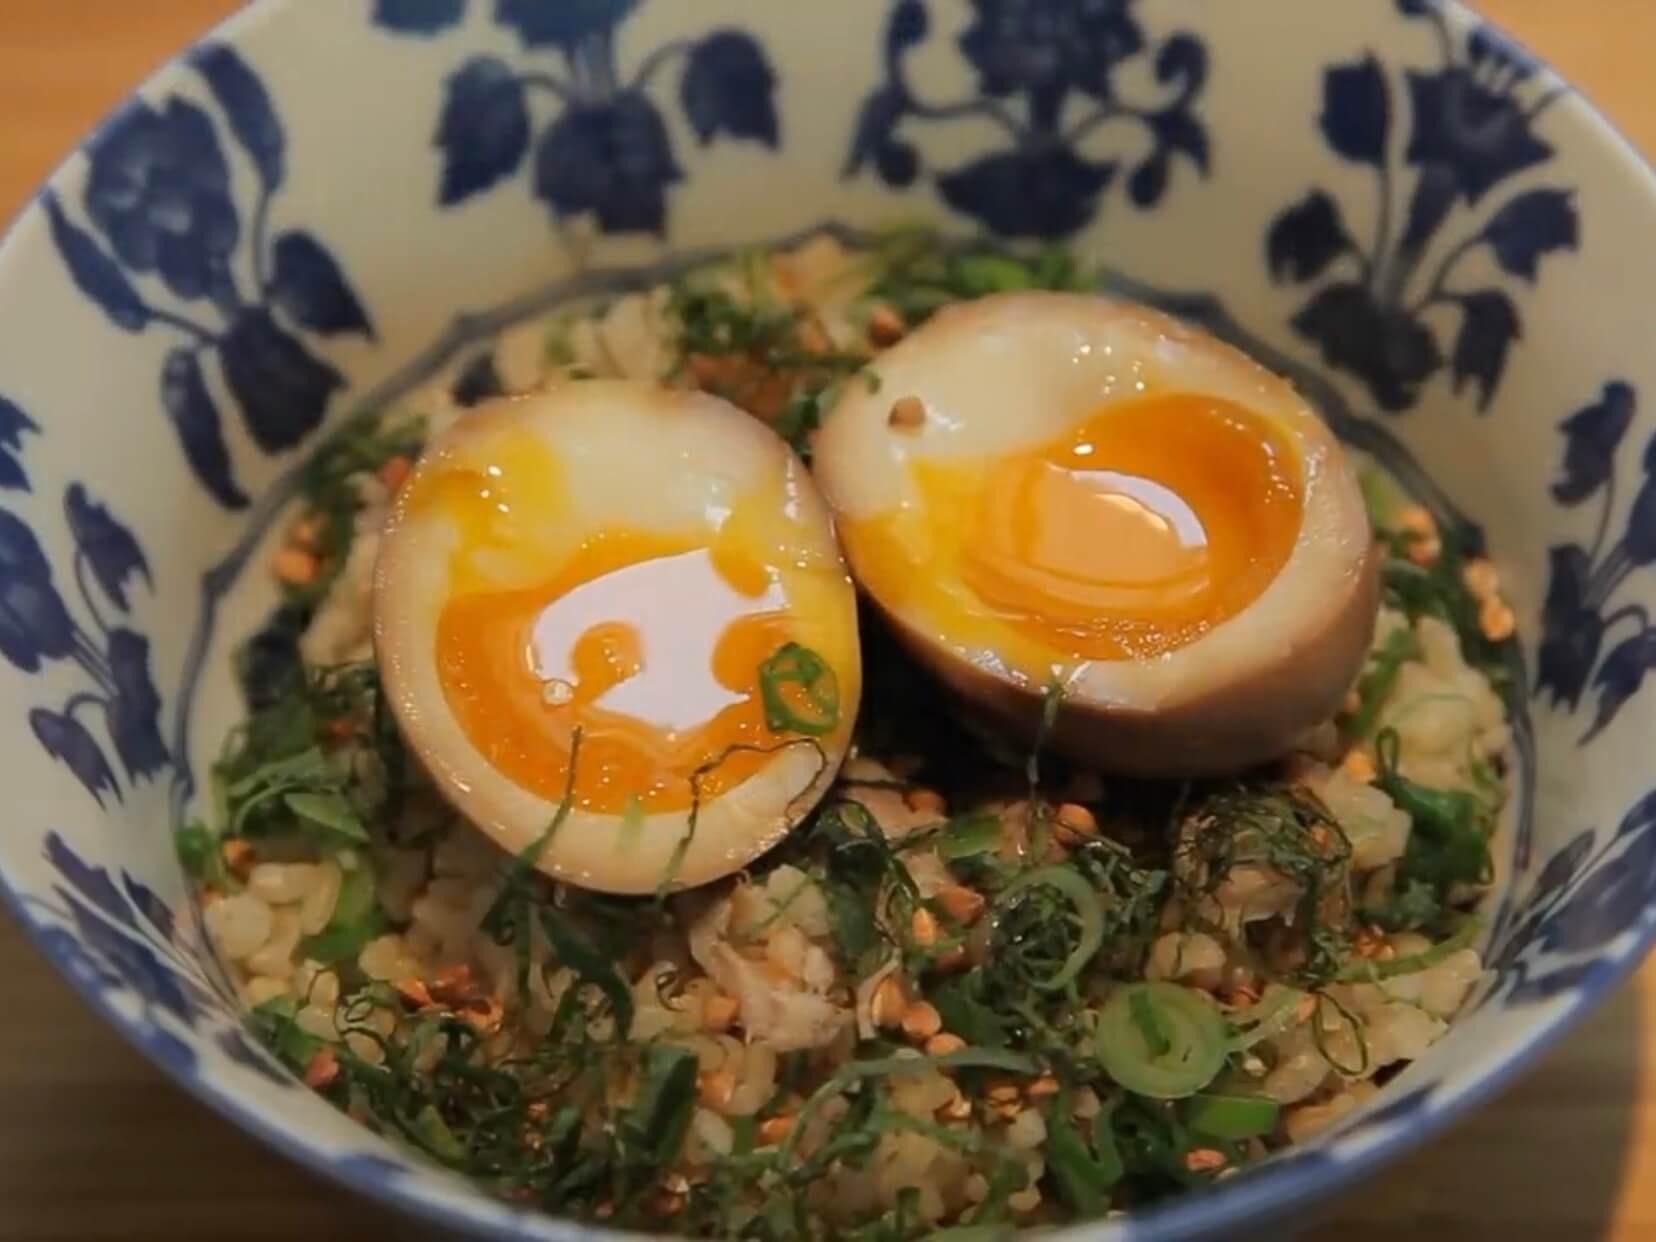 の 味付け 作り方 卵 【最強レシピ】「コンビニの味付きゆで卵」は家でも簡単に作れる! しかも1個あたり20円もしないぞォォオオオ!!